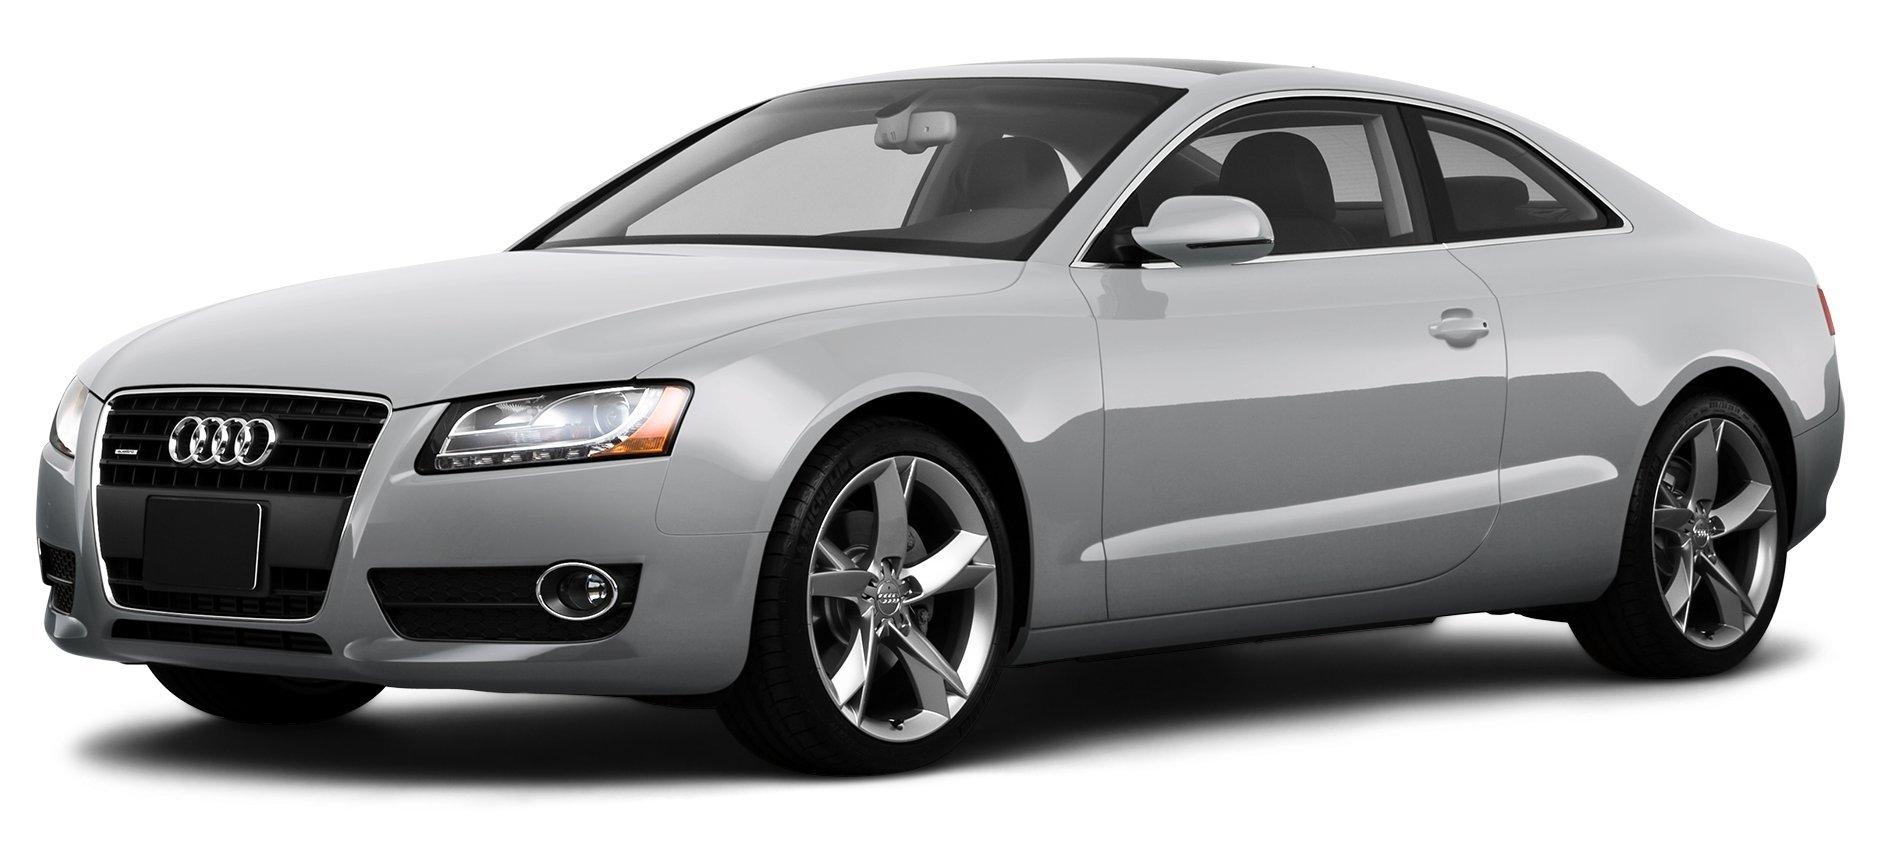 ... 2010 Audi A5 Quattro 2.0L Premium, 2-Door Coupe Automatic Transmission quattro